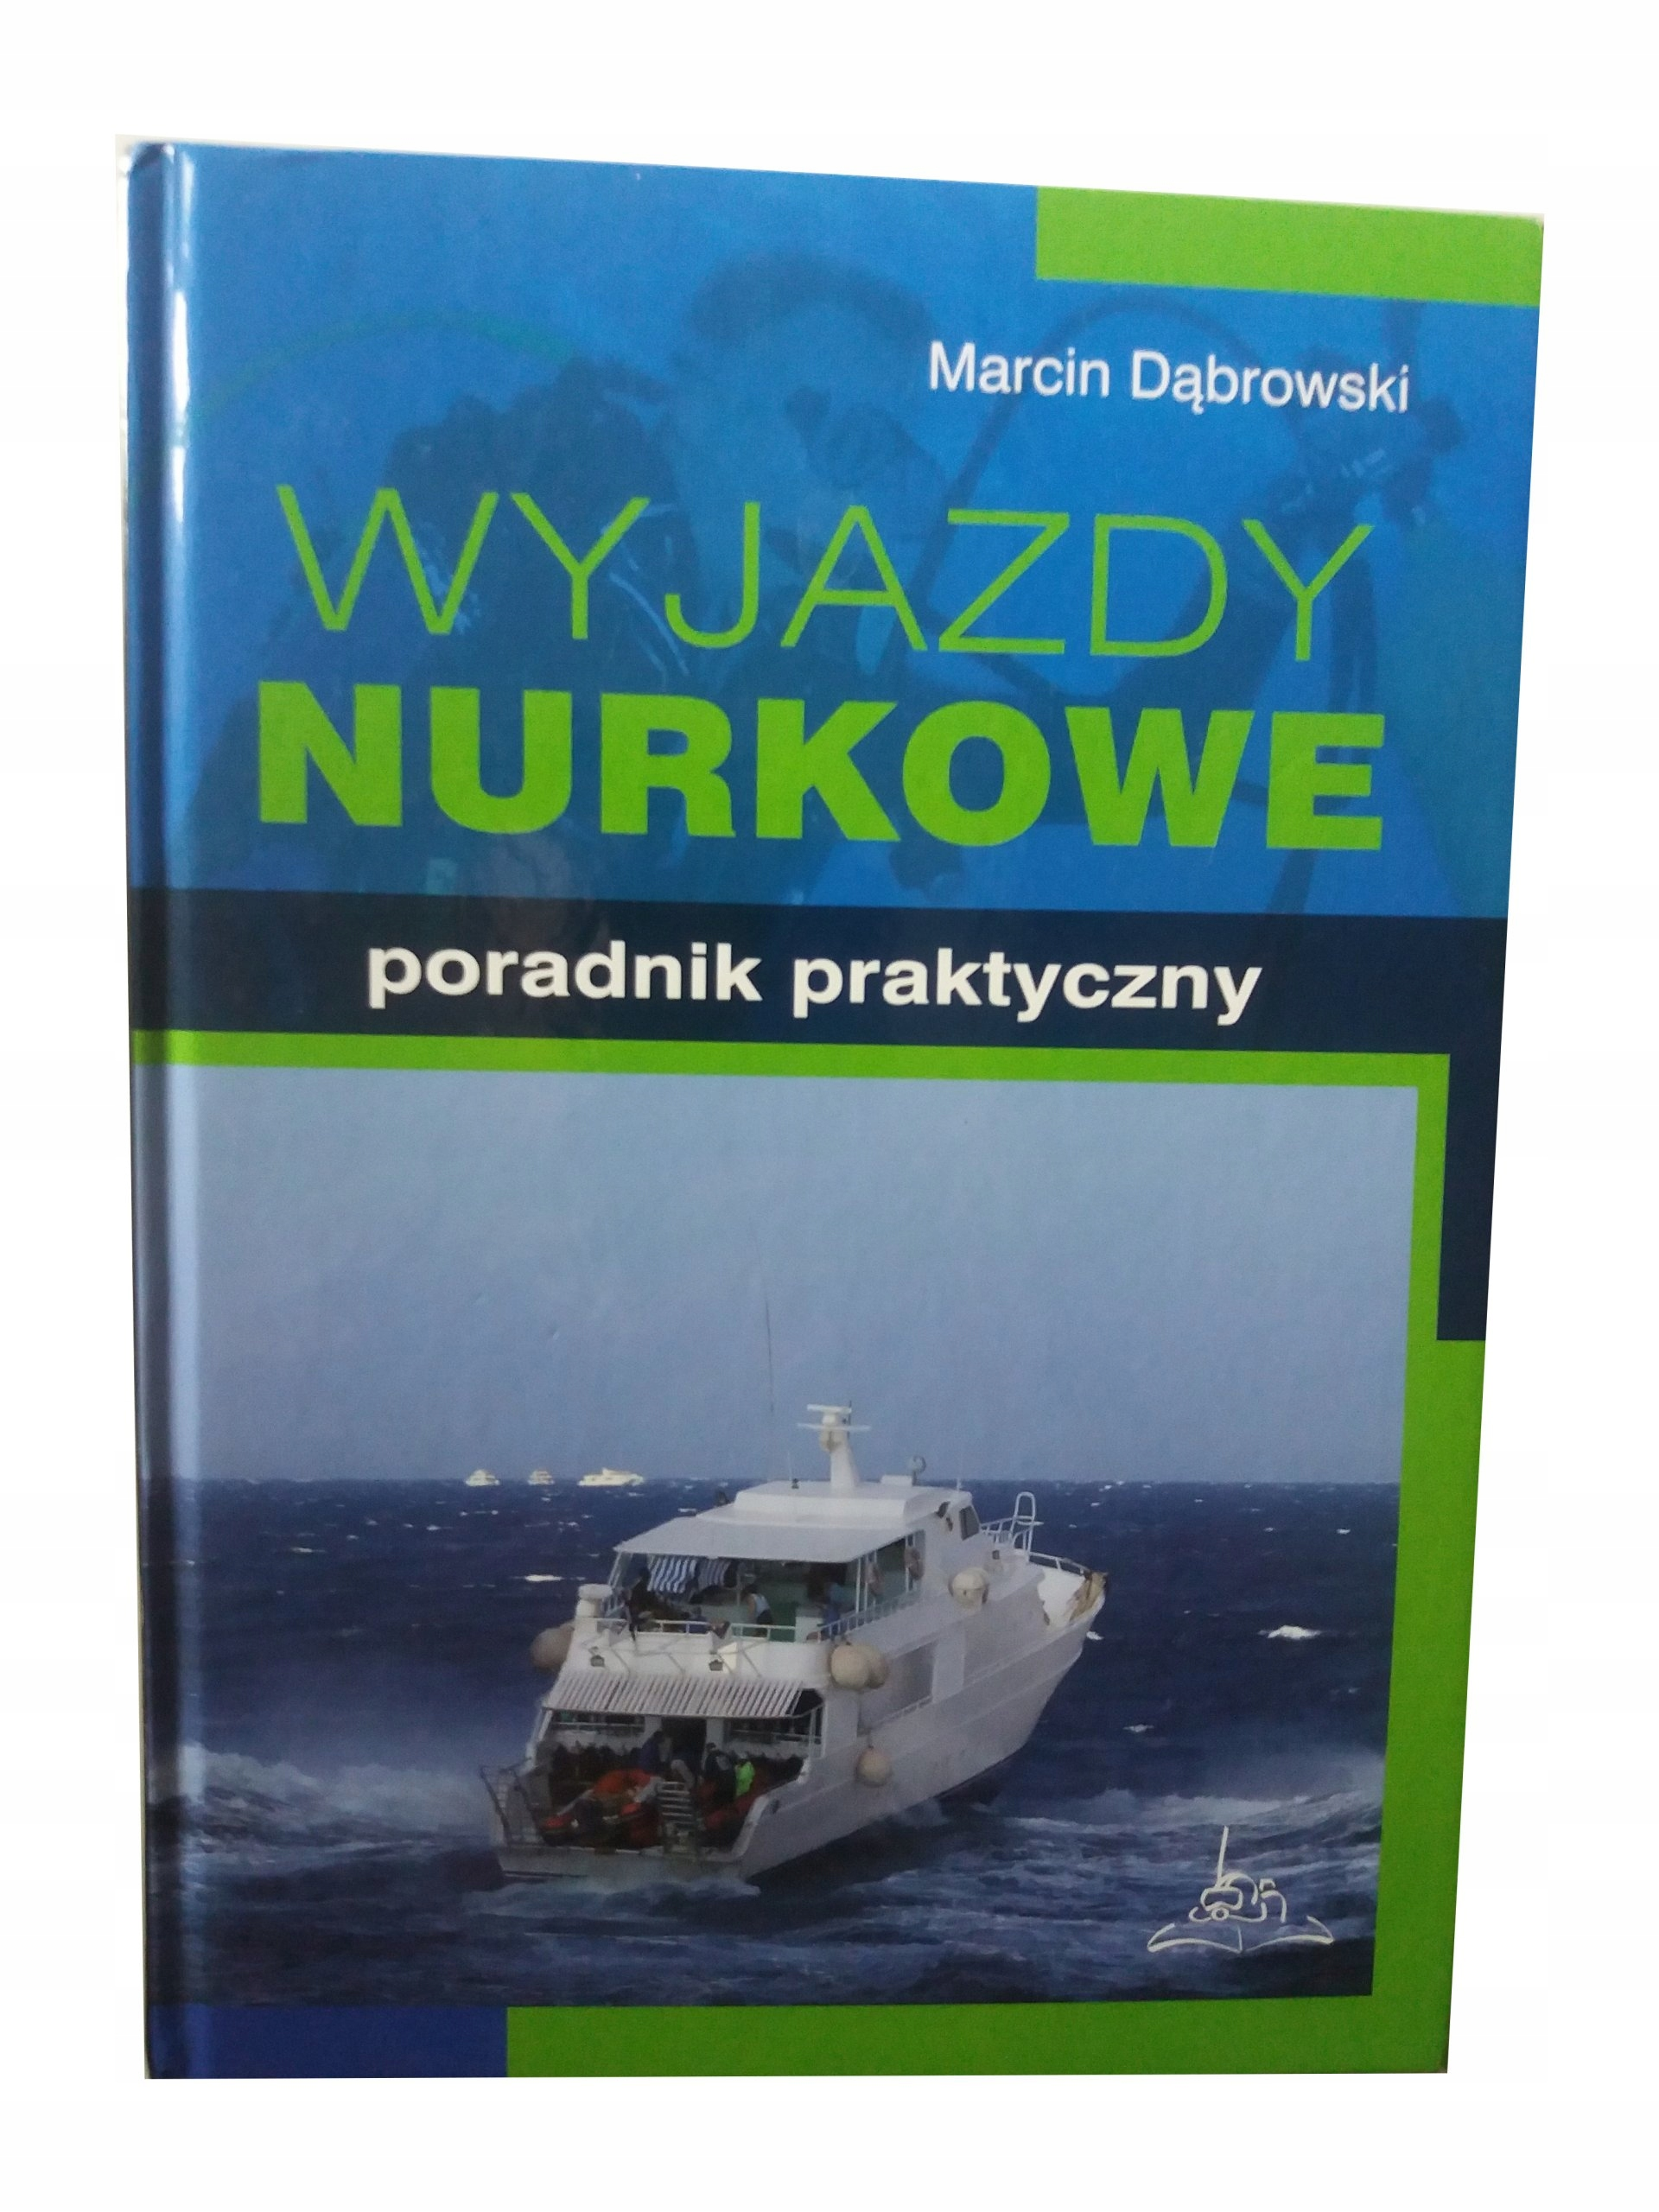 WYJAZDY NURKOWE Poradnik Praktyczny Dąbrowski